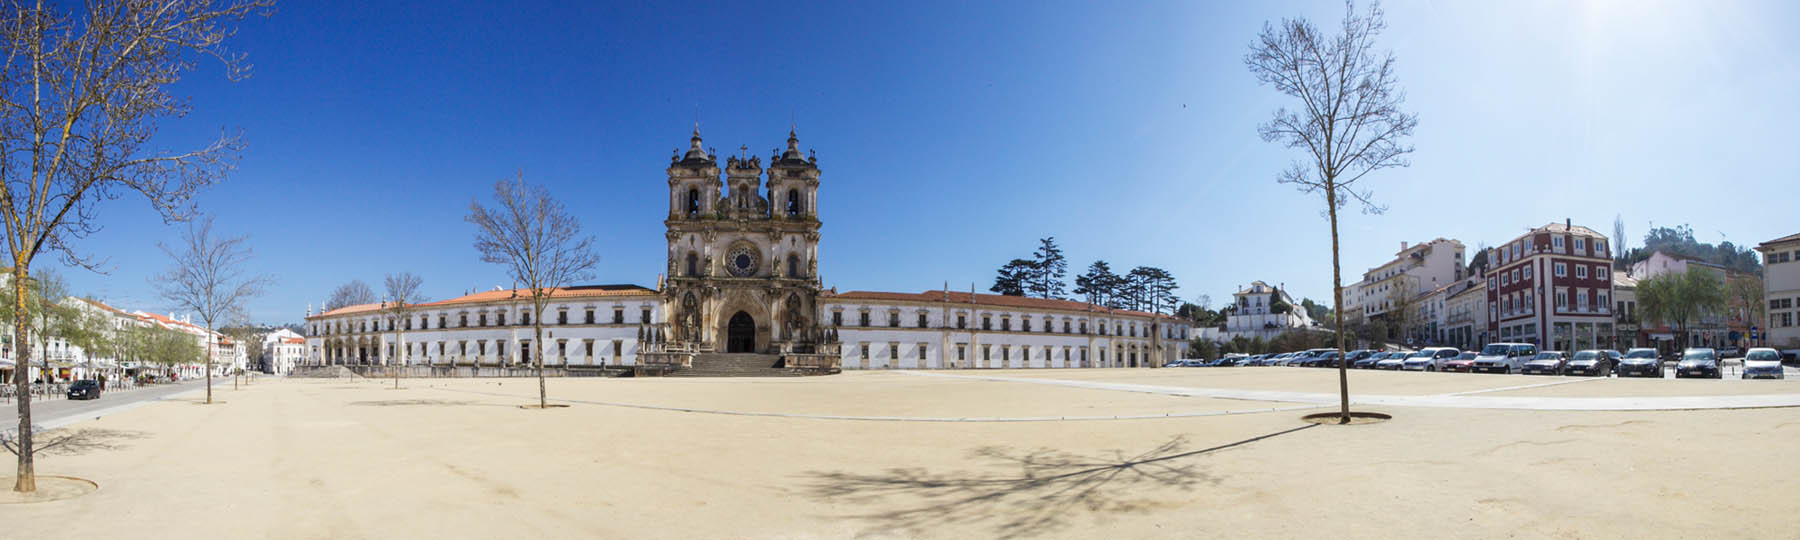 mosteiro-de-alcobaca3